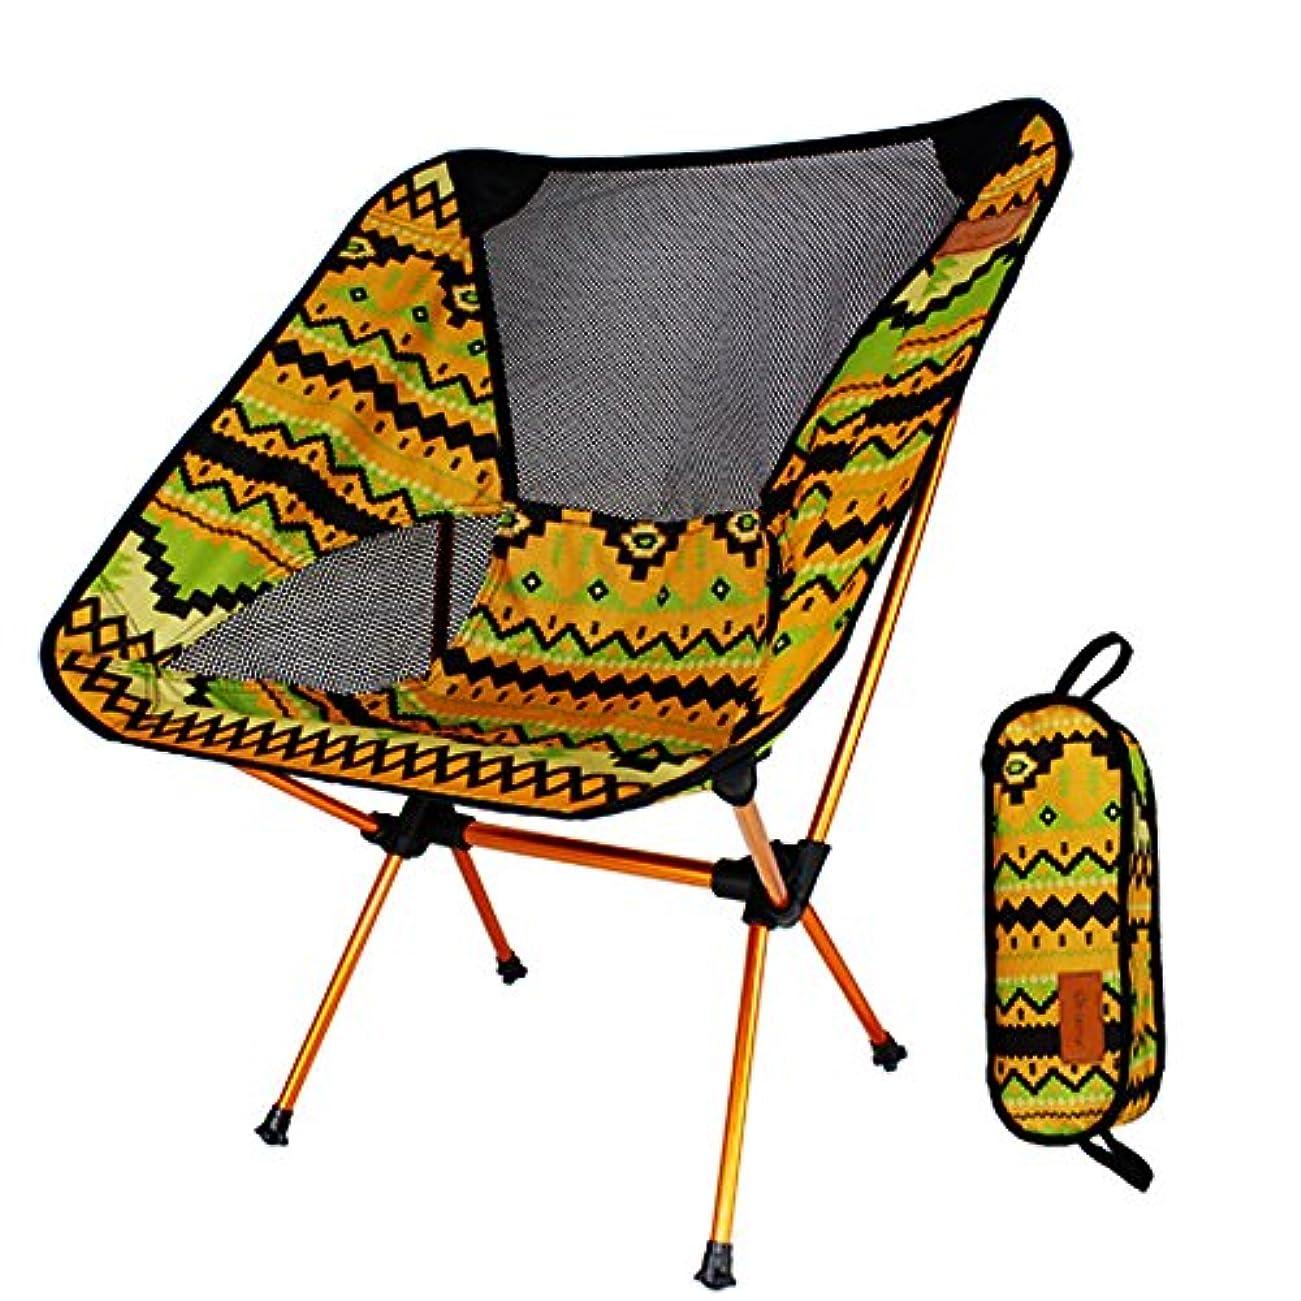 半球タイトラオス人屋外の折る携帯用キャンプチェア/アルミ合金のキャンプチェア、折る設計 アウトドア キャンプ用 (色 : 黄)